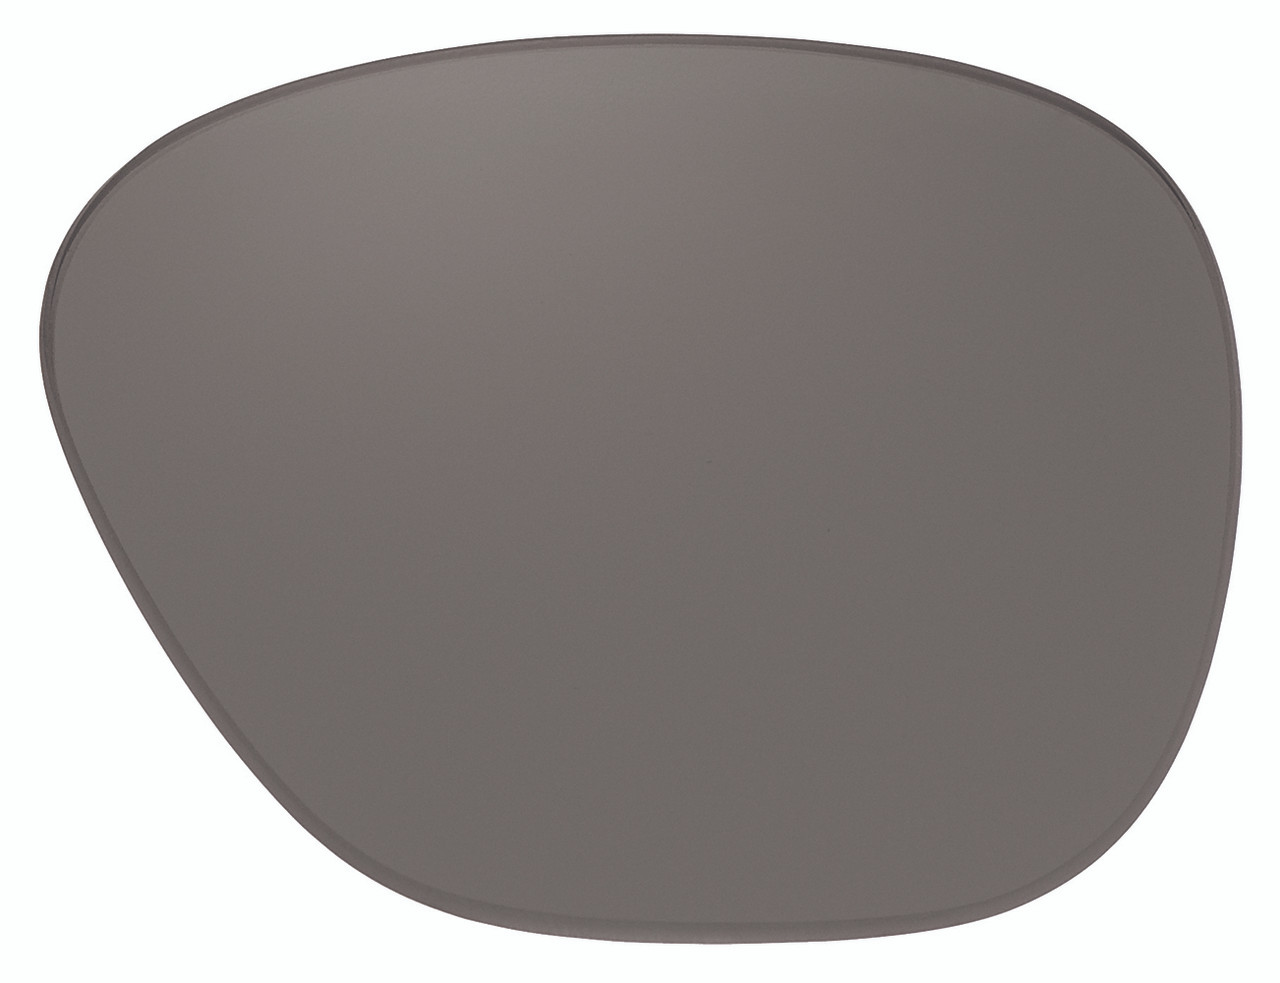 9a46ce703ec Suncloud Mosaic Replacement Lenses - Polarized World